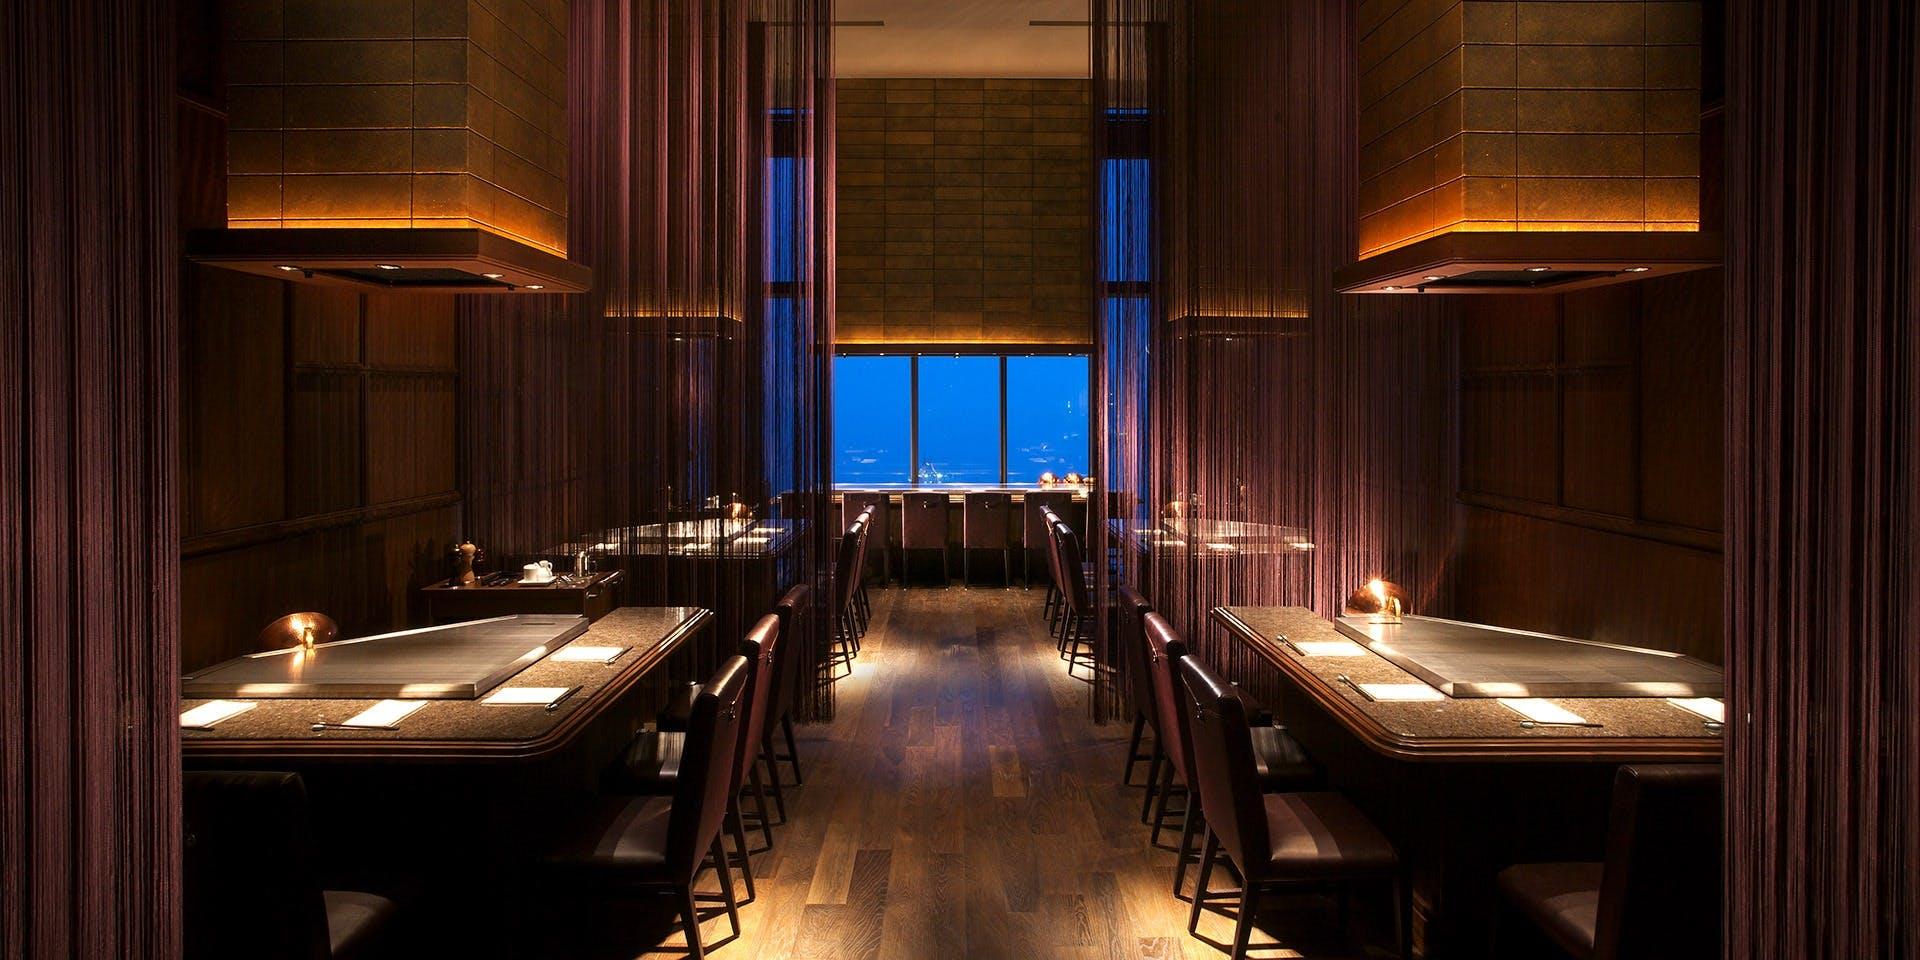 記念日におすすめのレストラン・ステーキハウス ミディアムレア/オリエンタルホテルの写真1